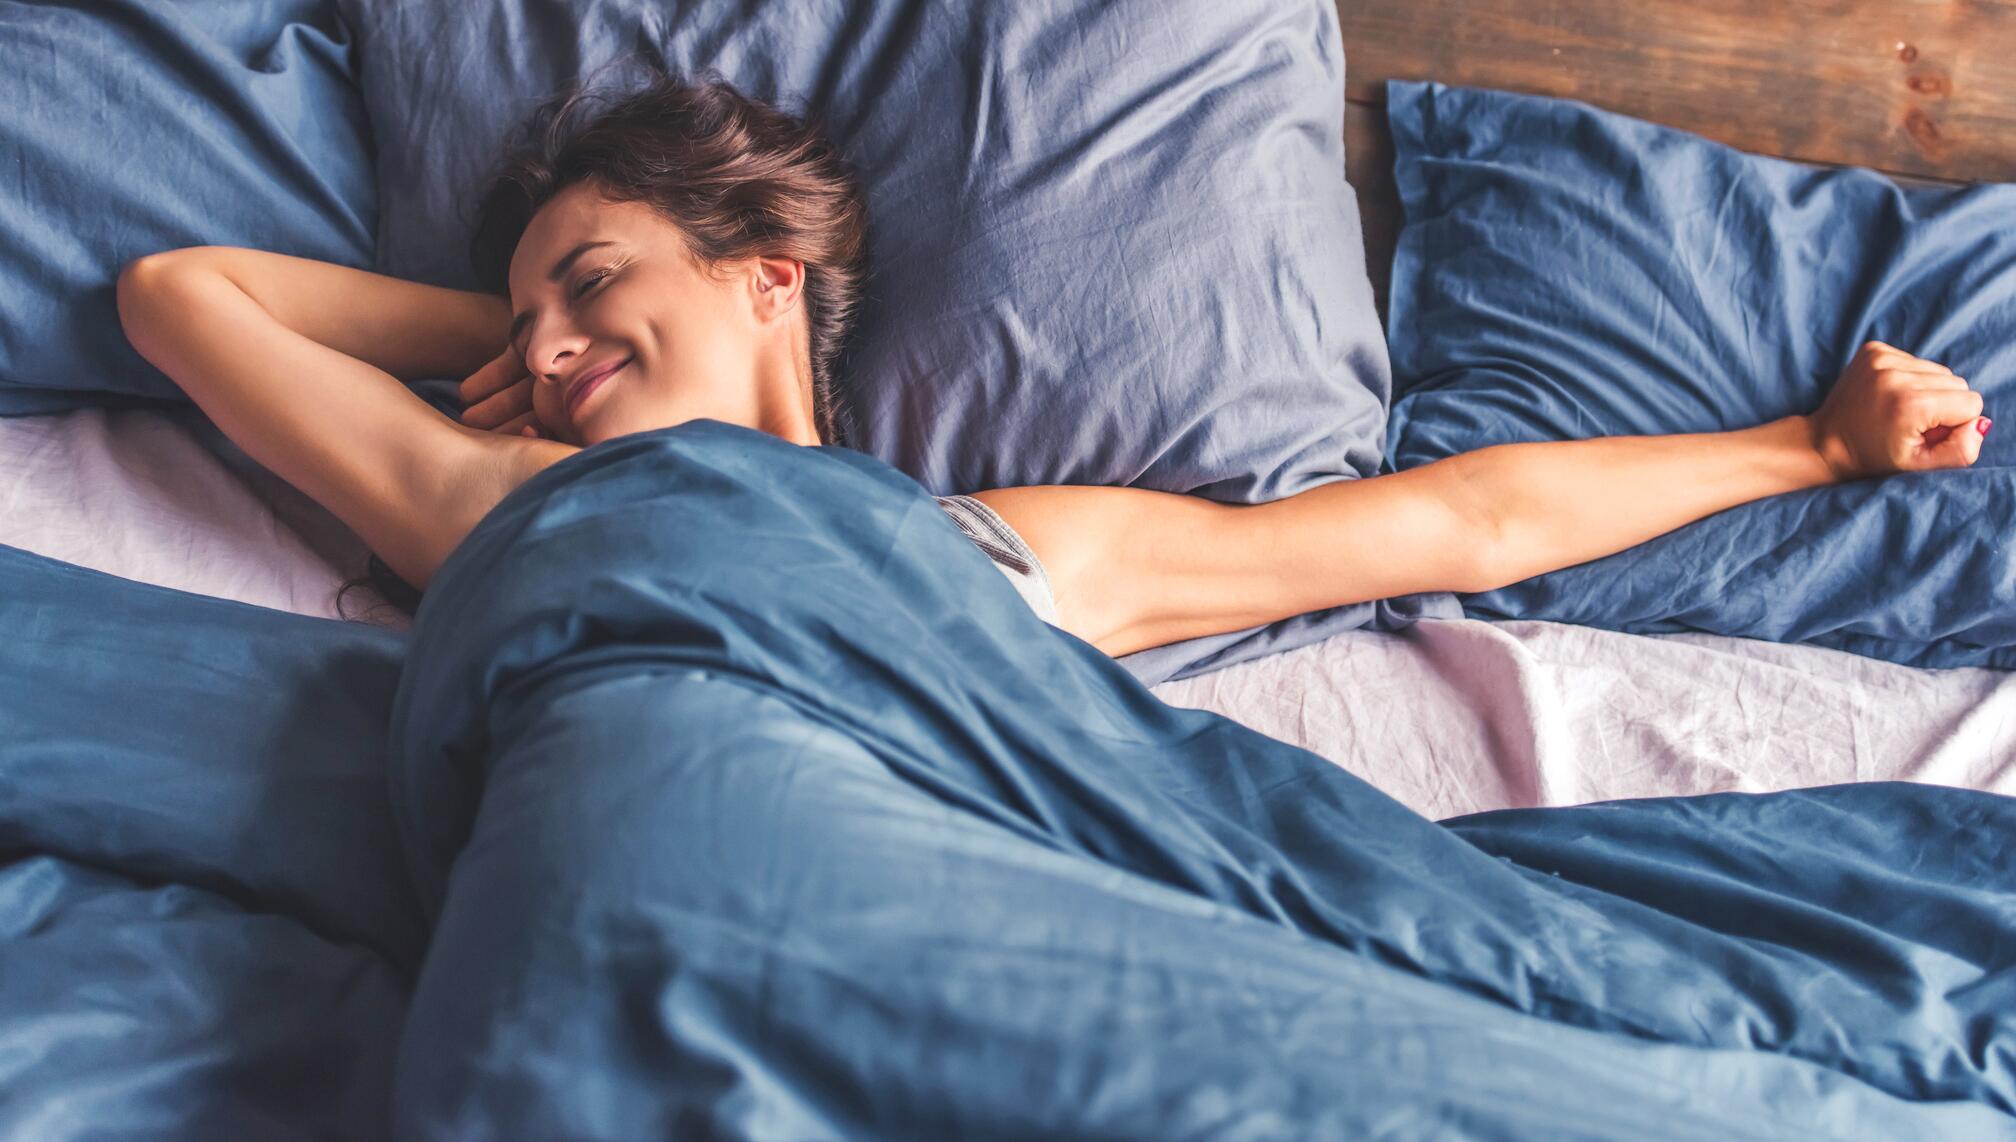 Bild zu Schlecht geschlafen? Dann probieren Sie doch einmal folgende Hilfsmittel.